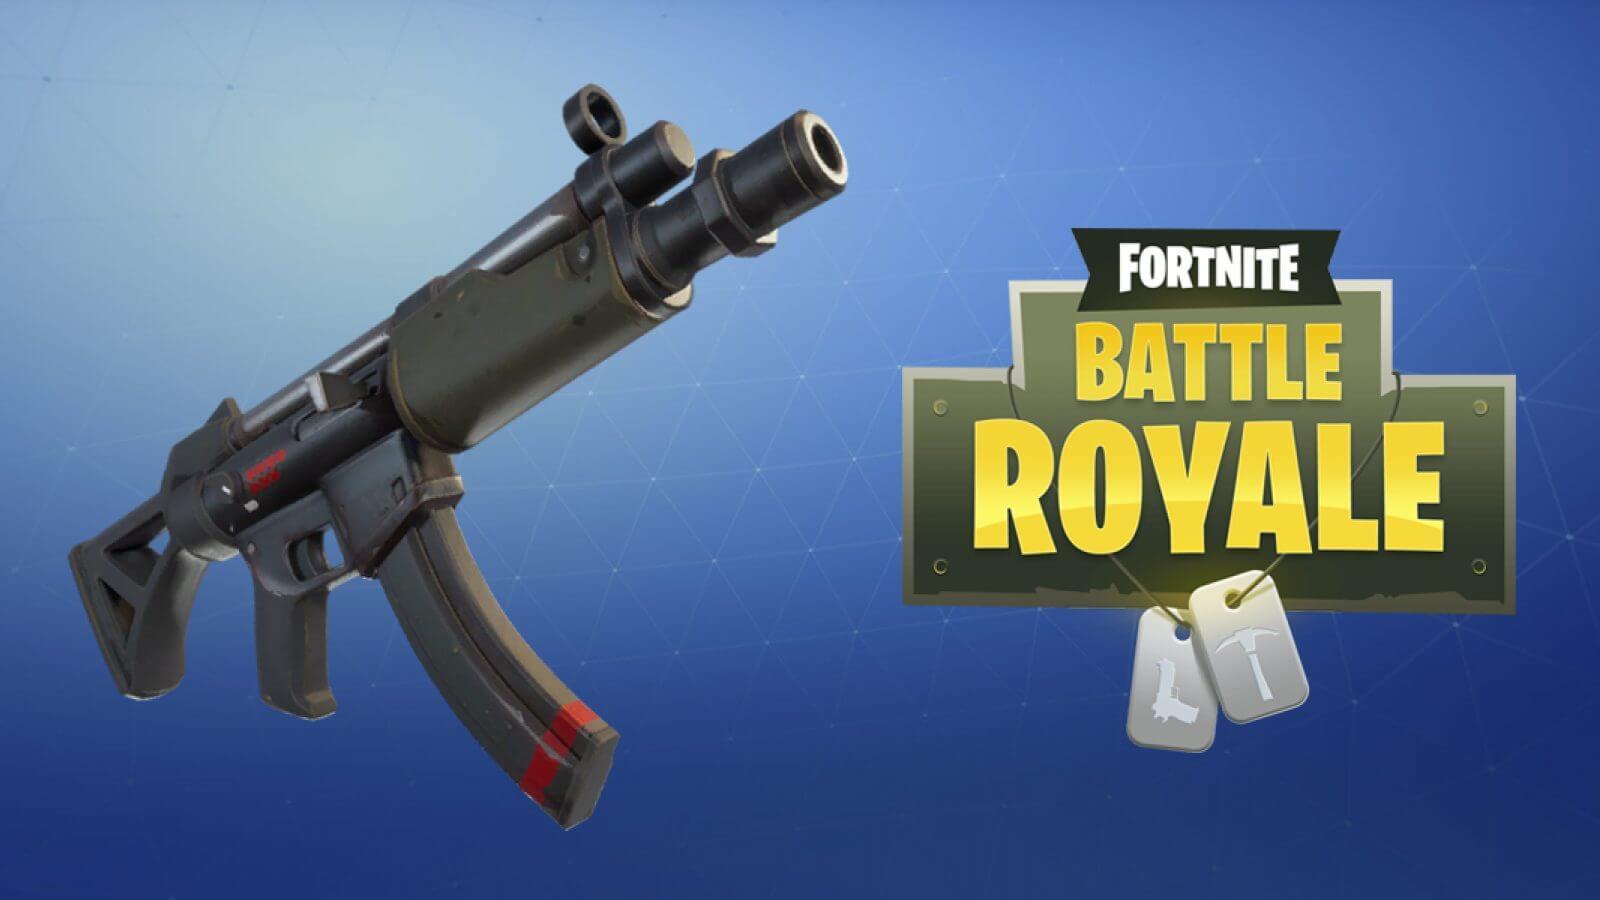 The new submachine gun in Fortnite